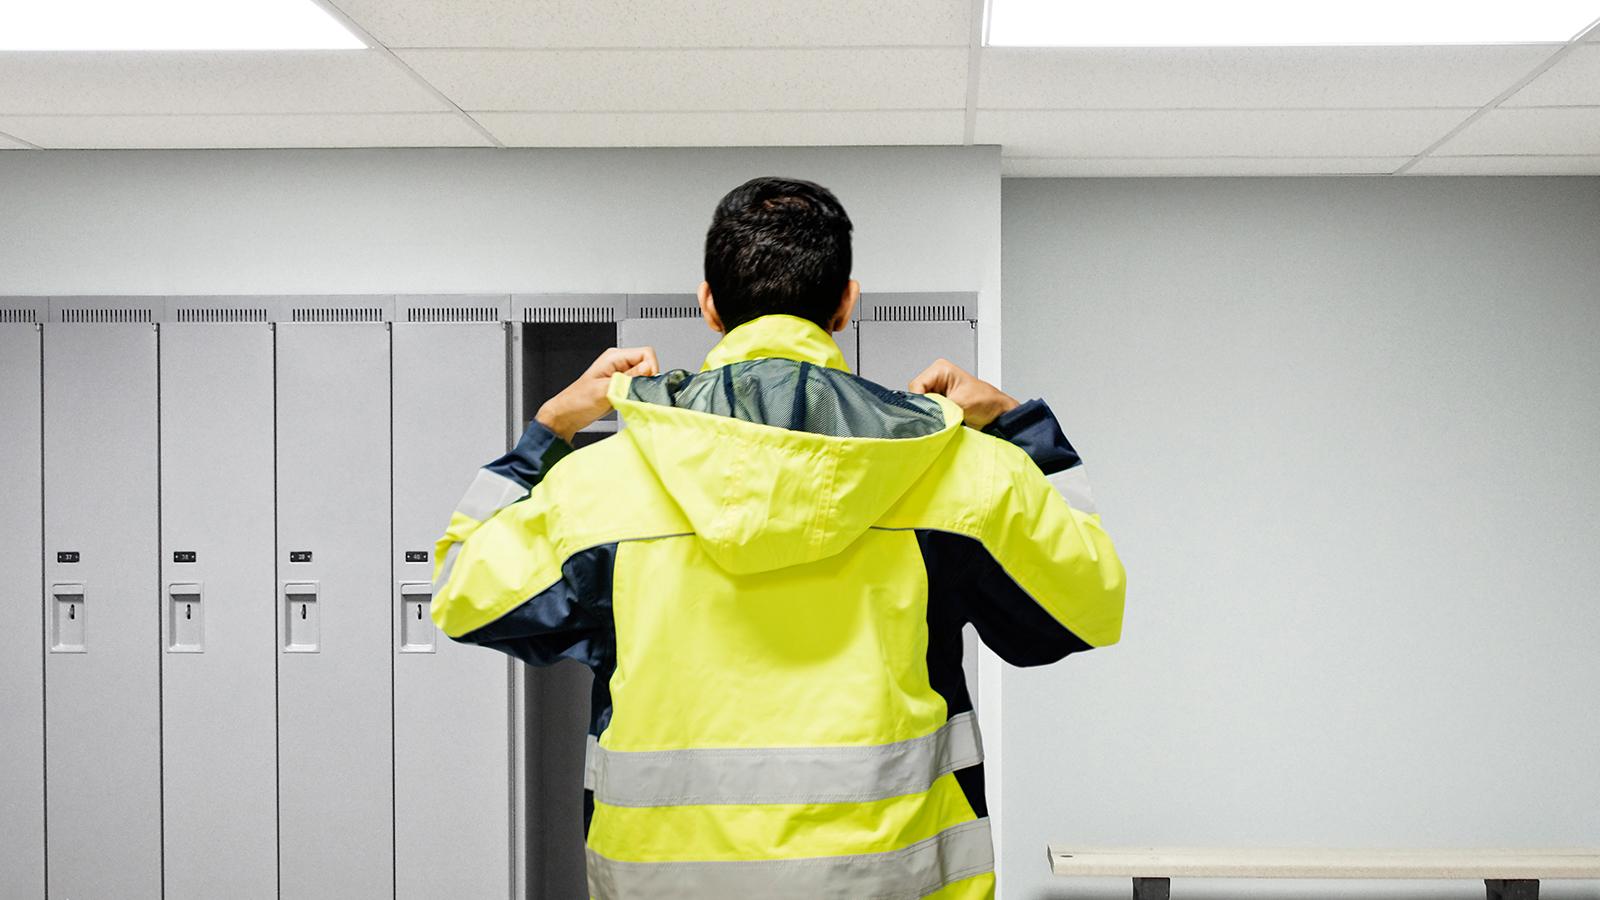 Workwear PPE